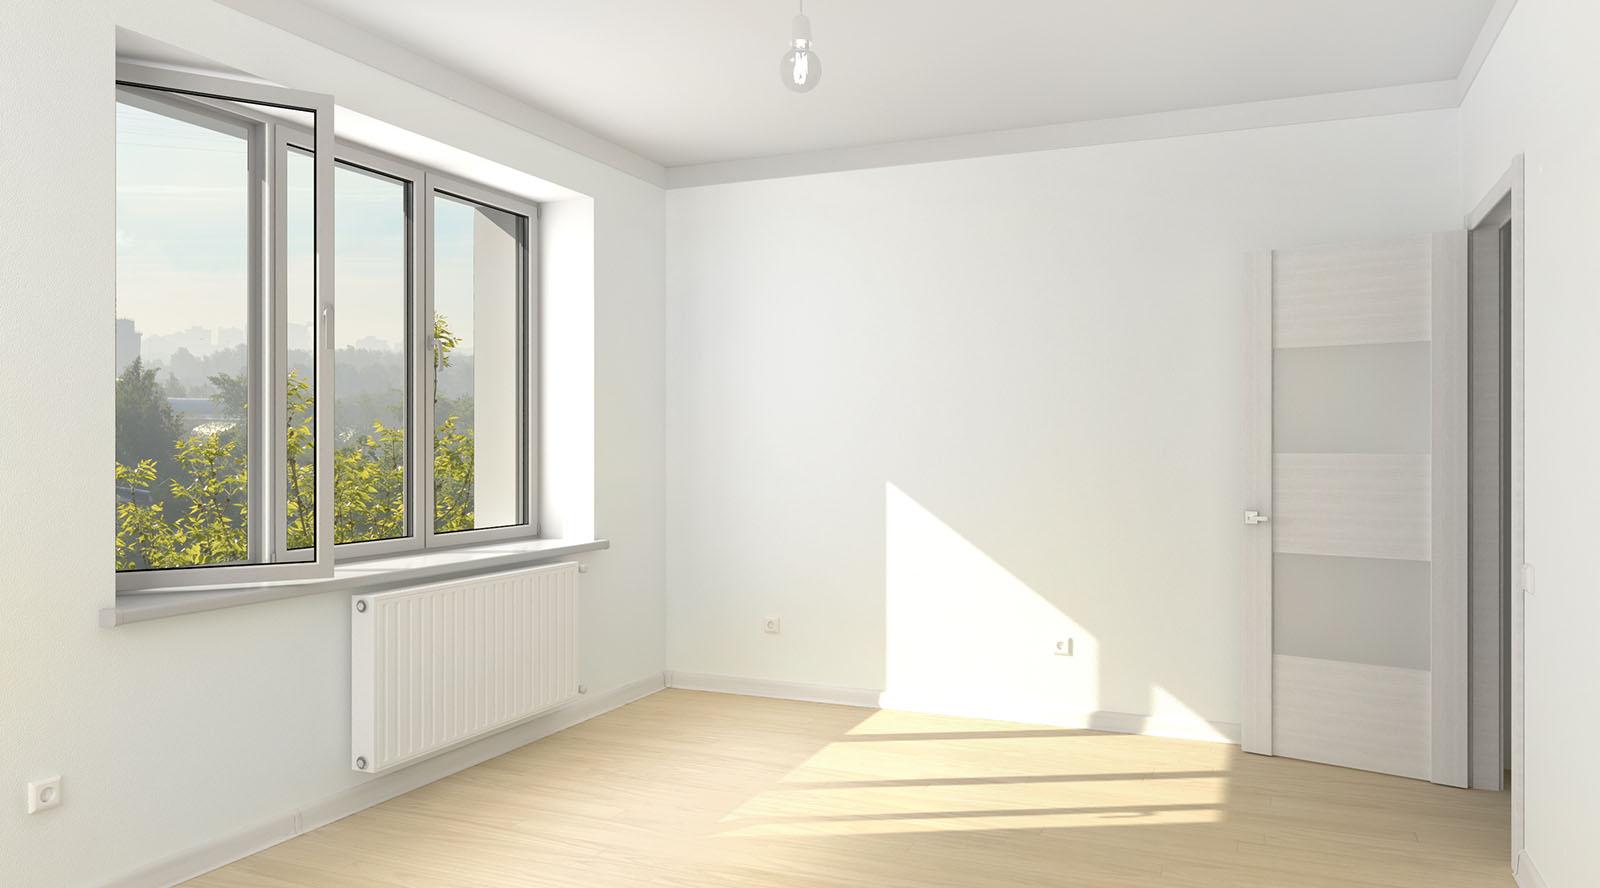 Чем отличаются квартиры с отделкой и без?